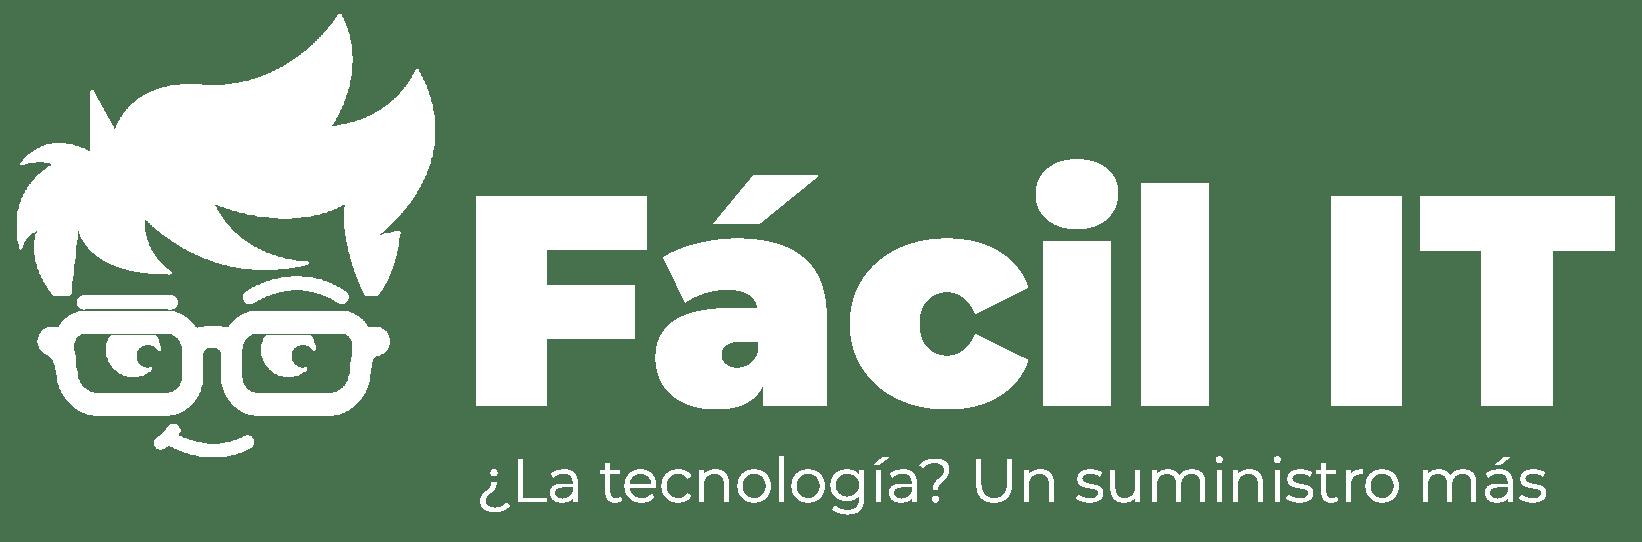 Fácil IT - La tecnología un suministro más